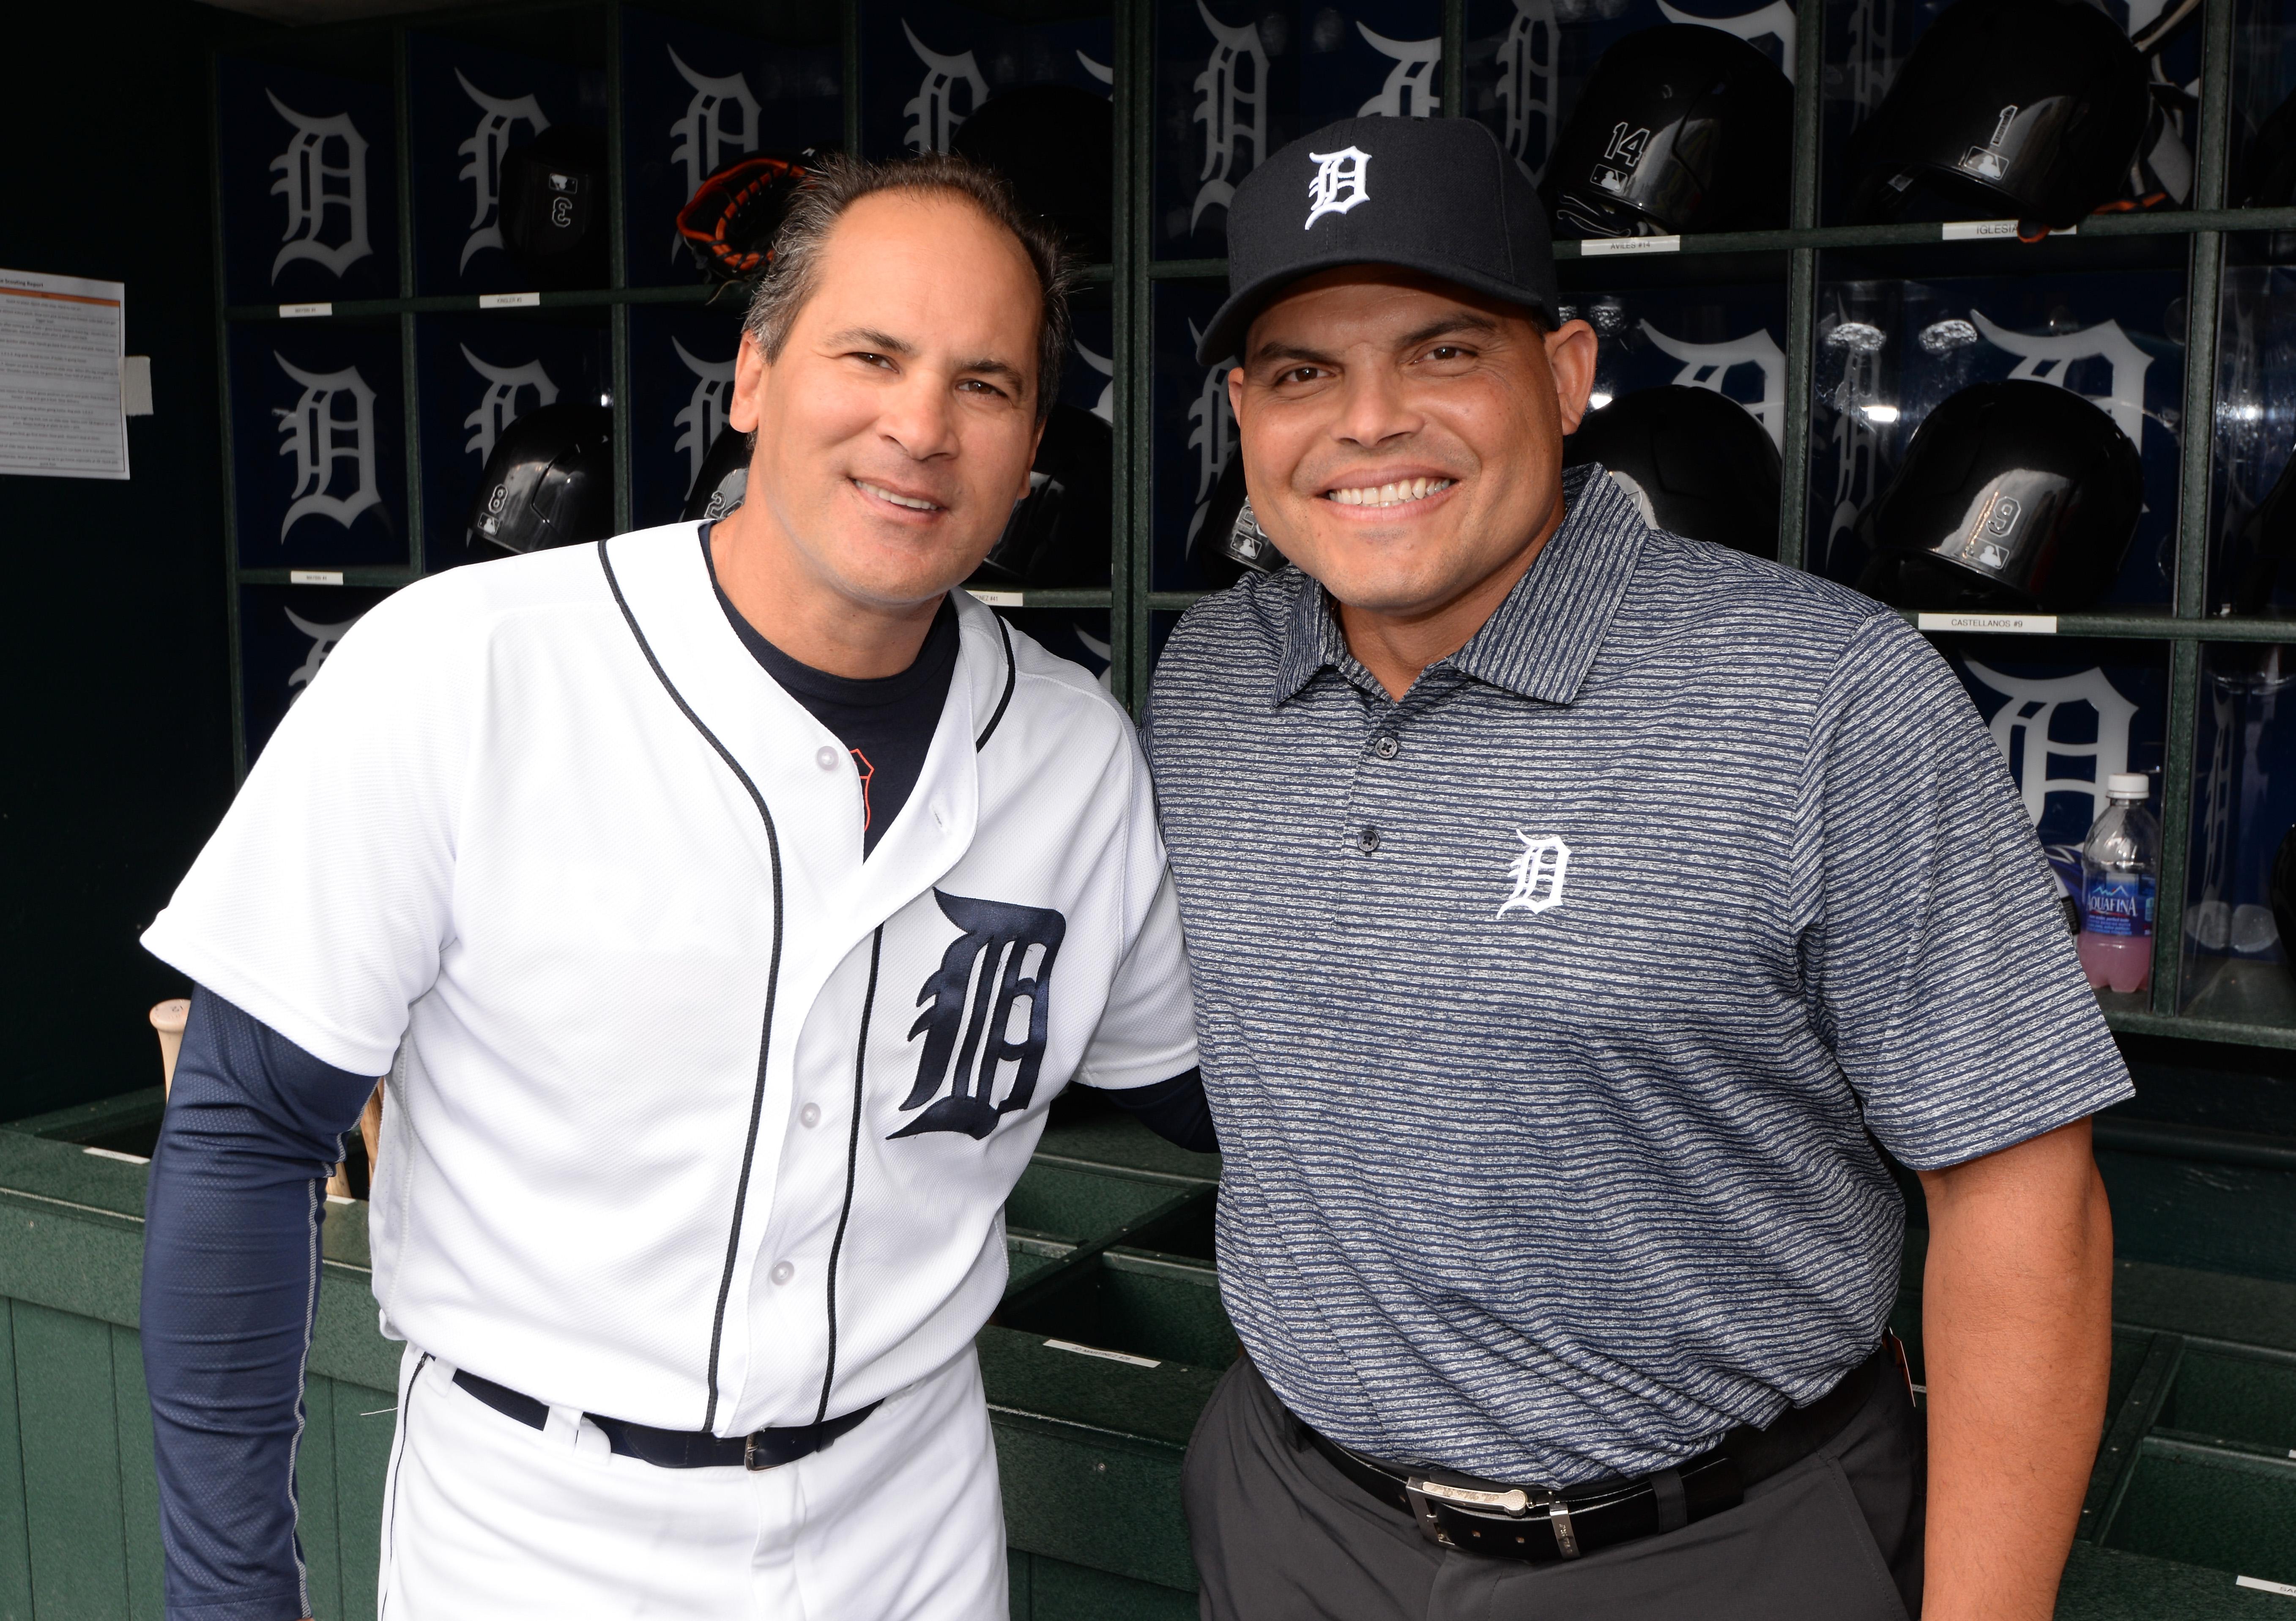 Iván Rodriguez posa junto al entrenador de los Tigers, Omar Vizquel (i), el 7 de mayo del 2016. (Crédito: Mark Cunningham/MLB Photos via Getty Images)